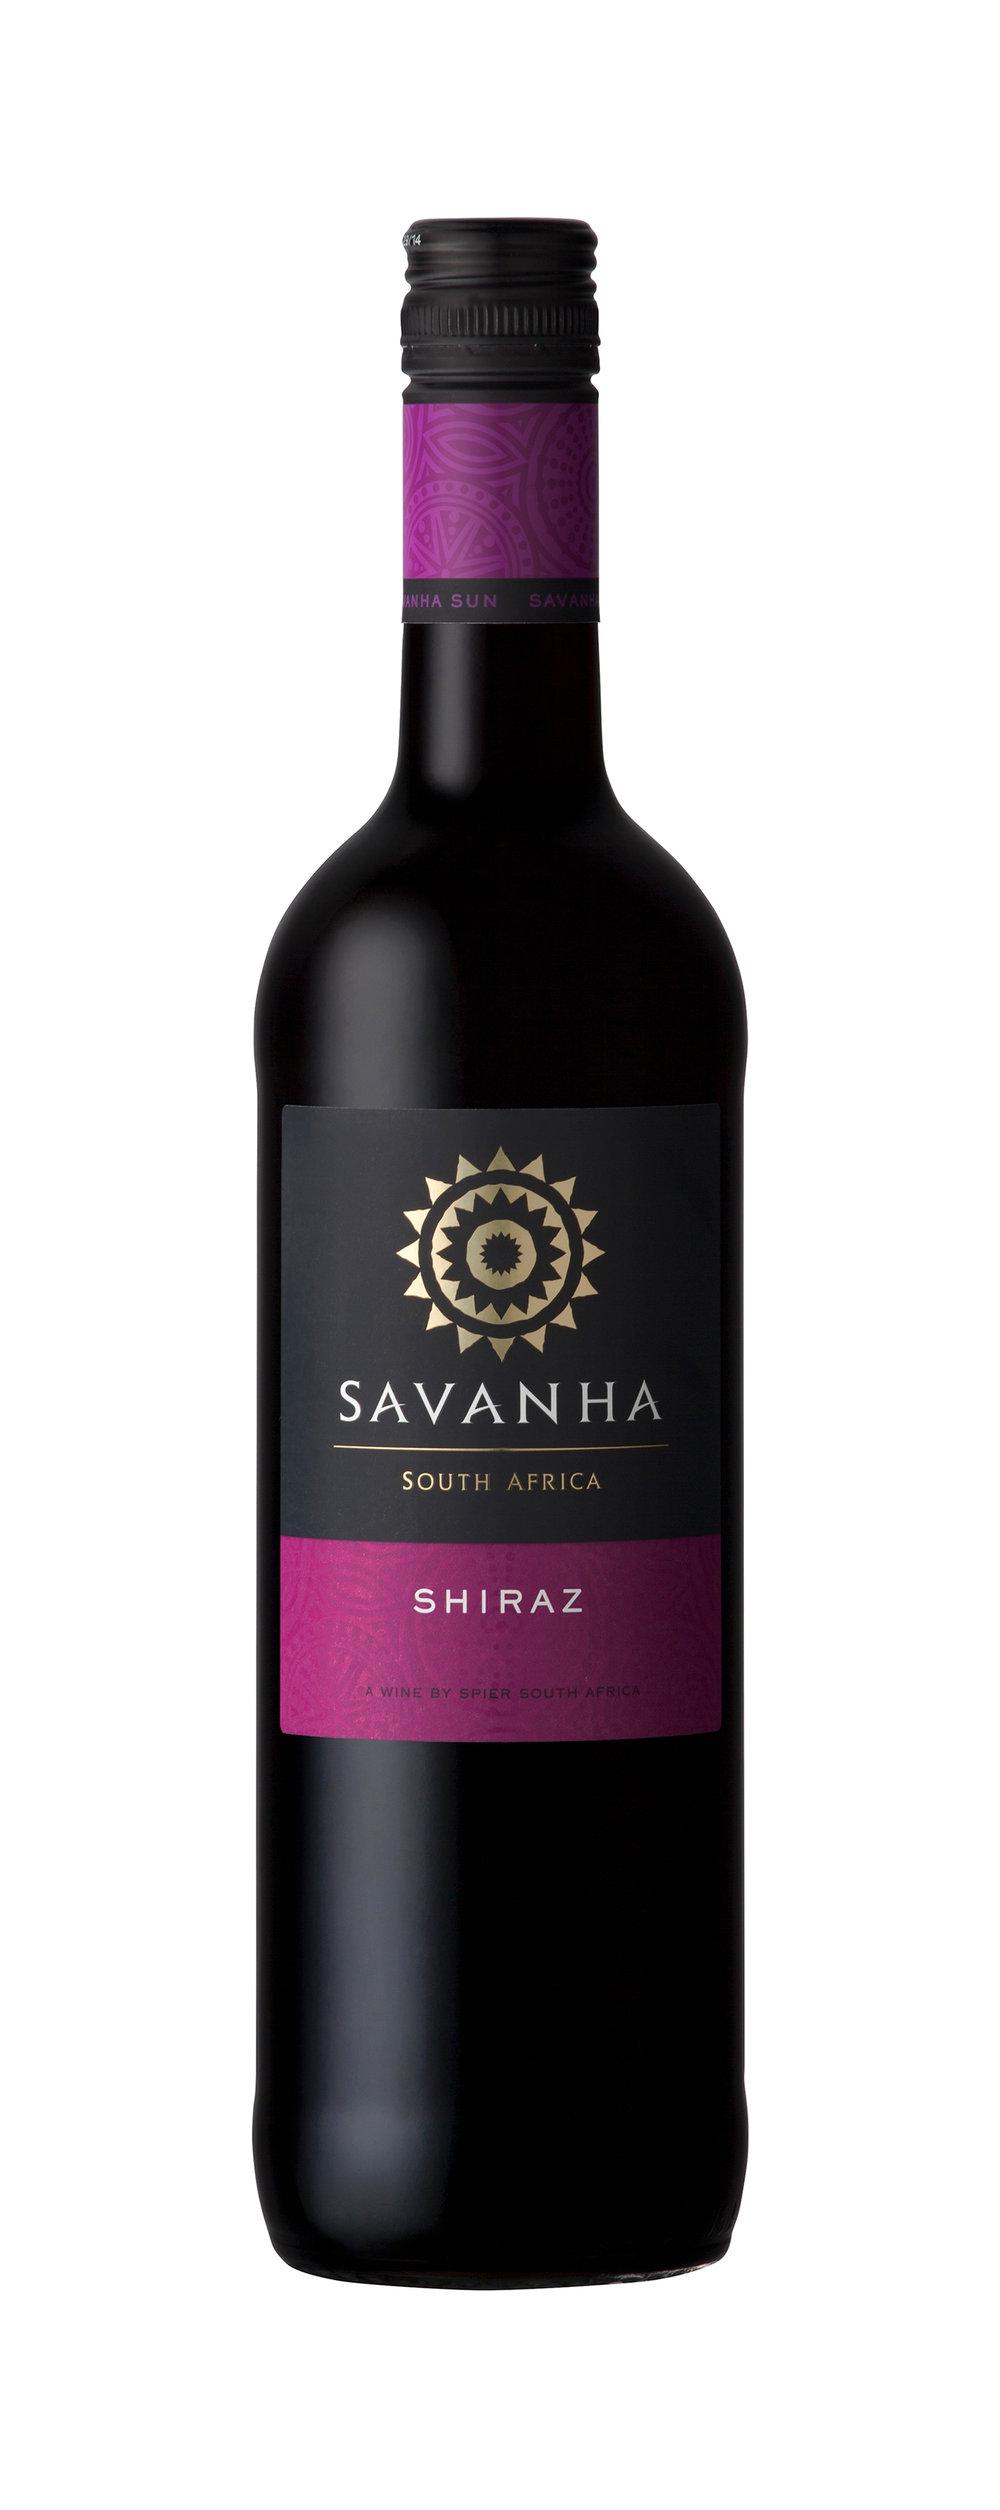 SavanhaShiraz.jpg